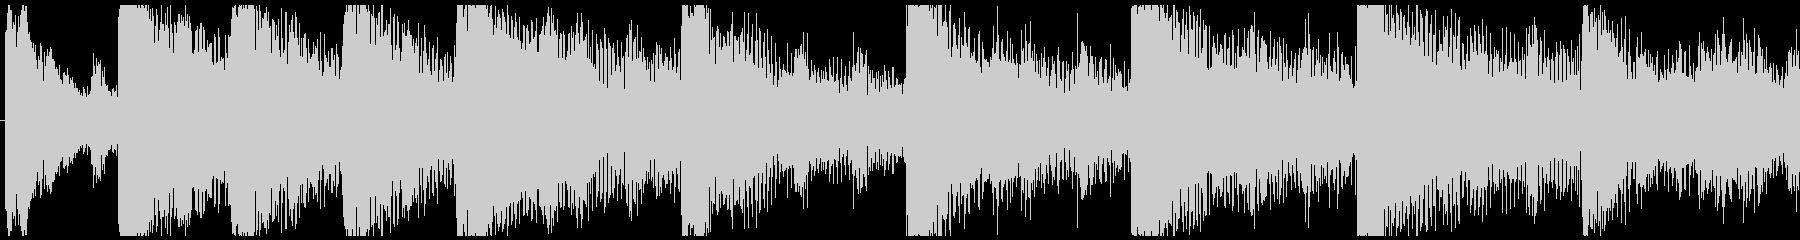 ハローウィン用のホラー曲-ループ2の未再生の波形